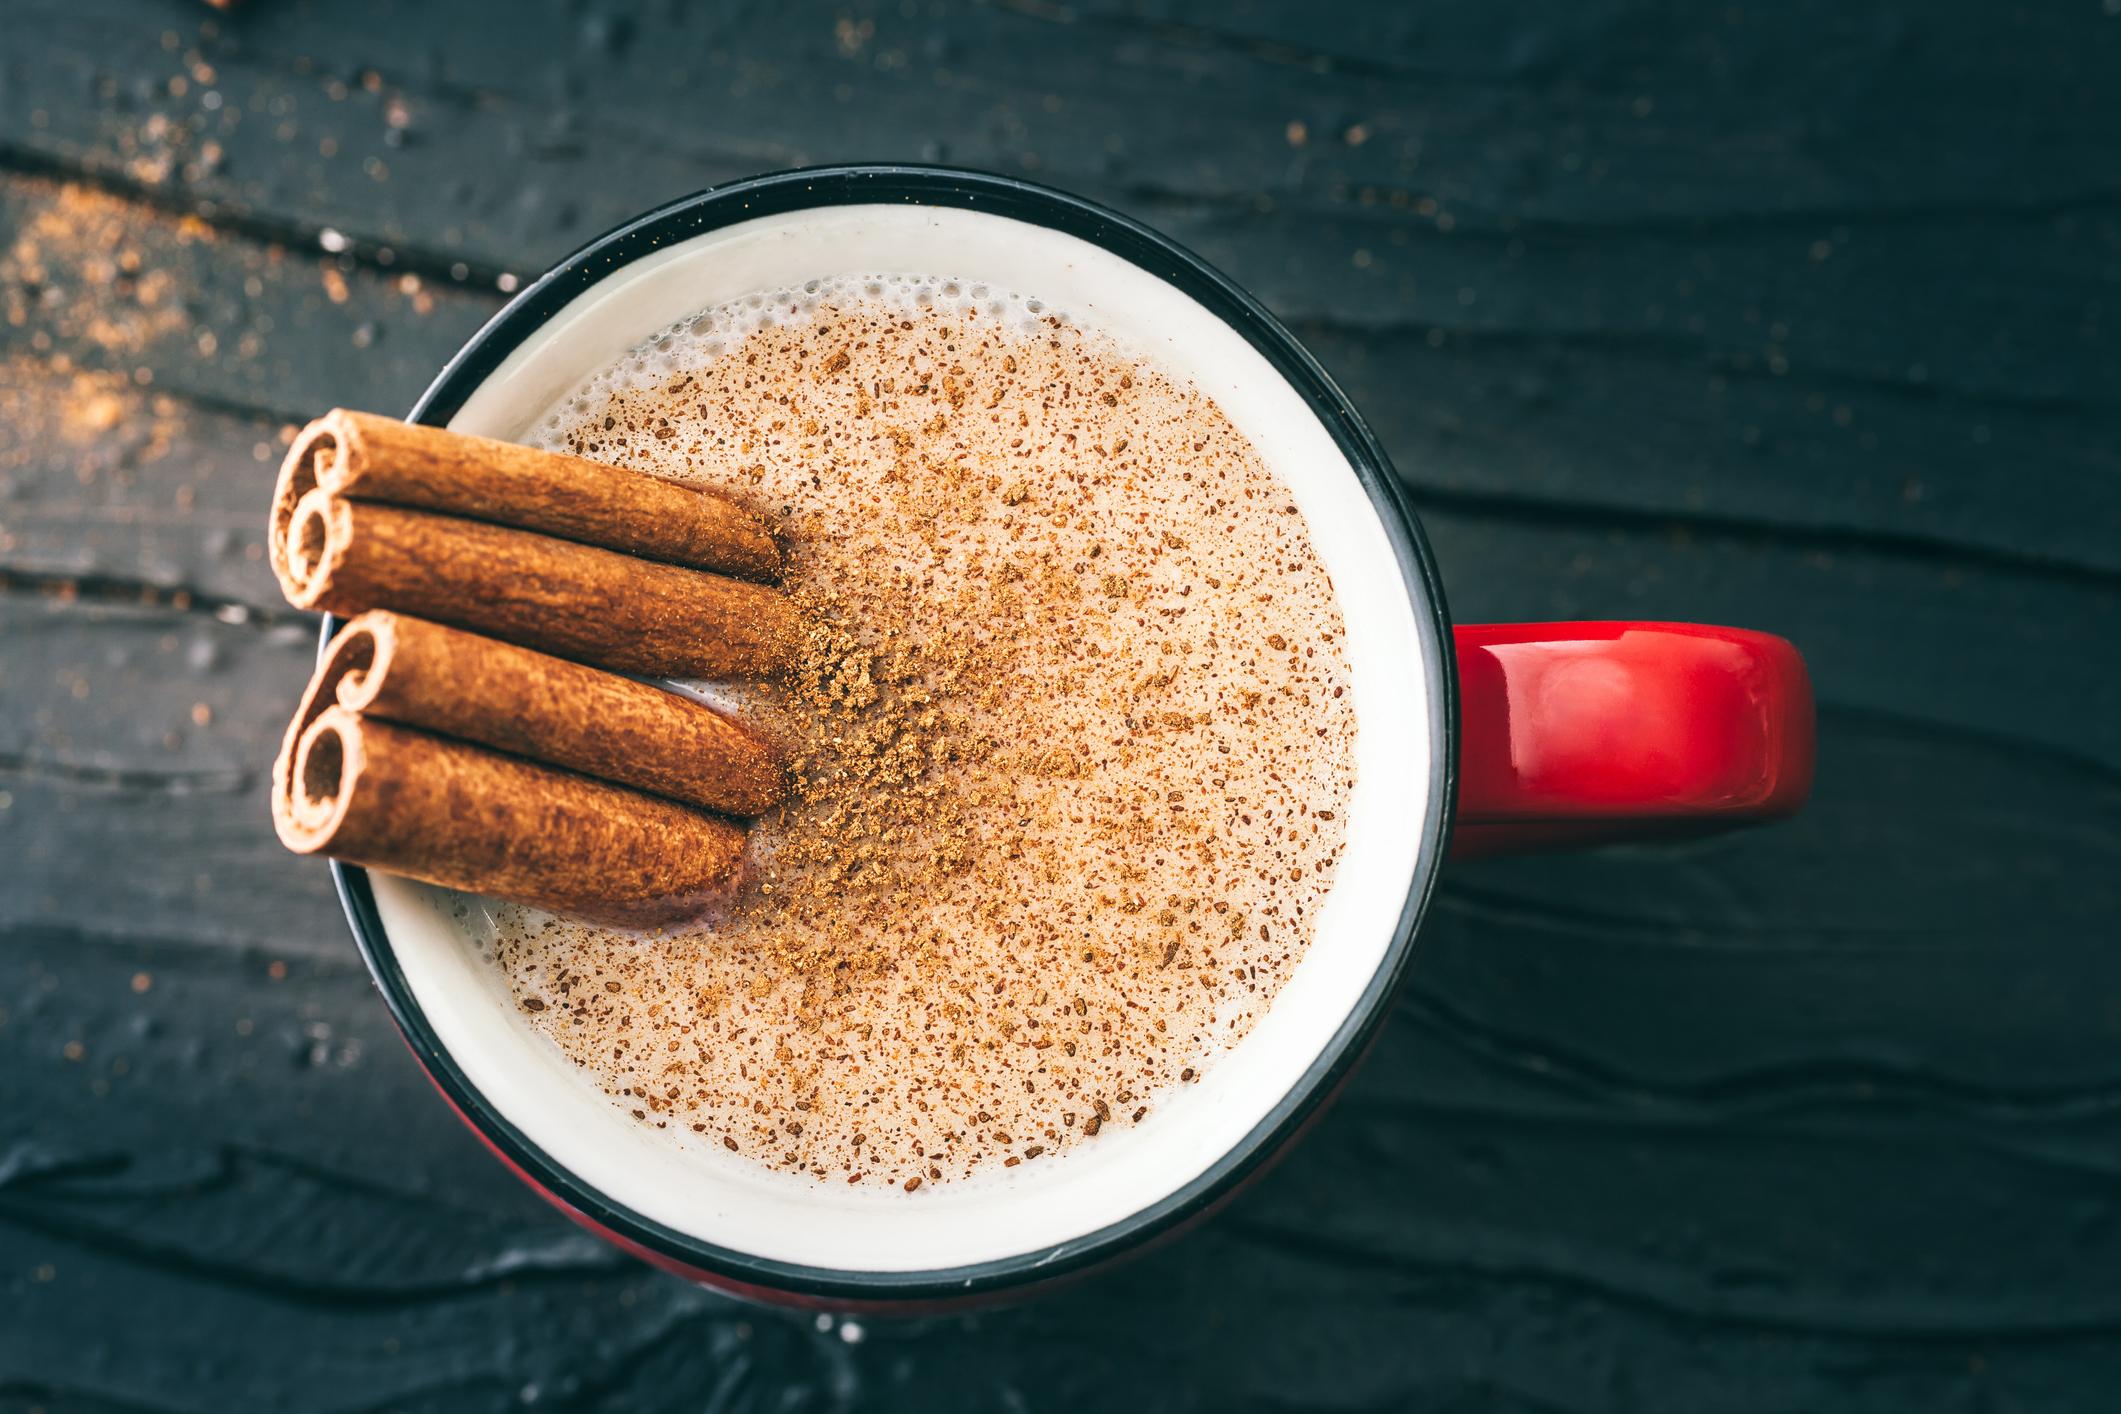 Besondere Note: Zimt schmeckt auch im Kaffee gut.